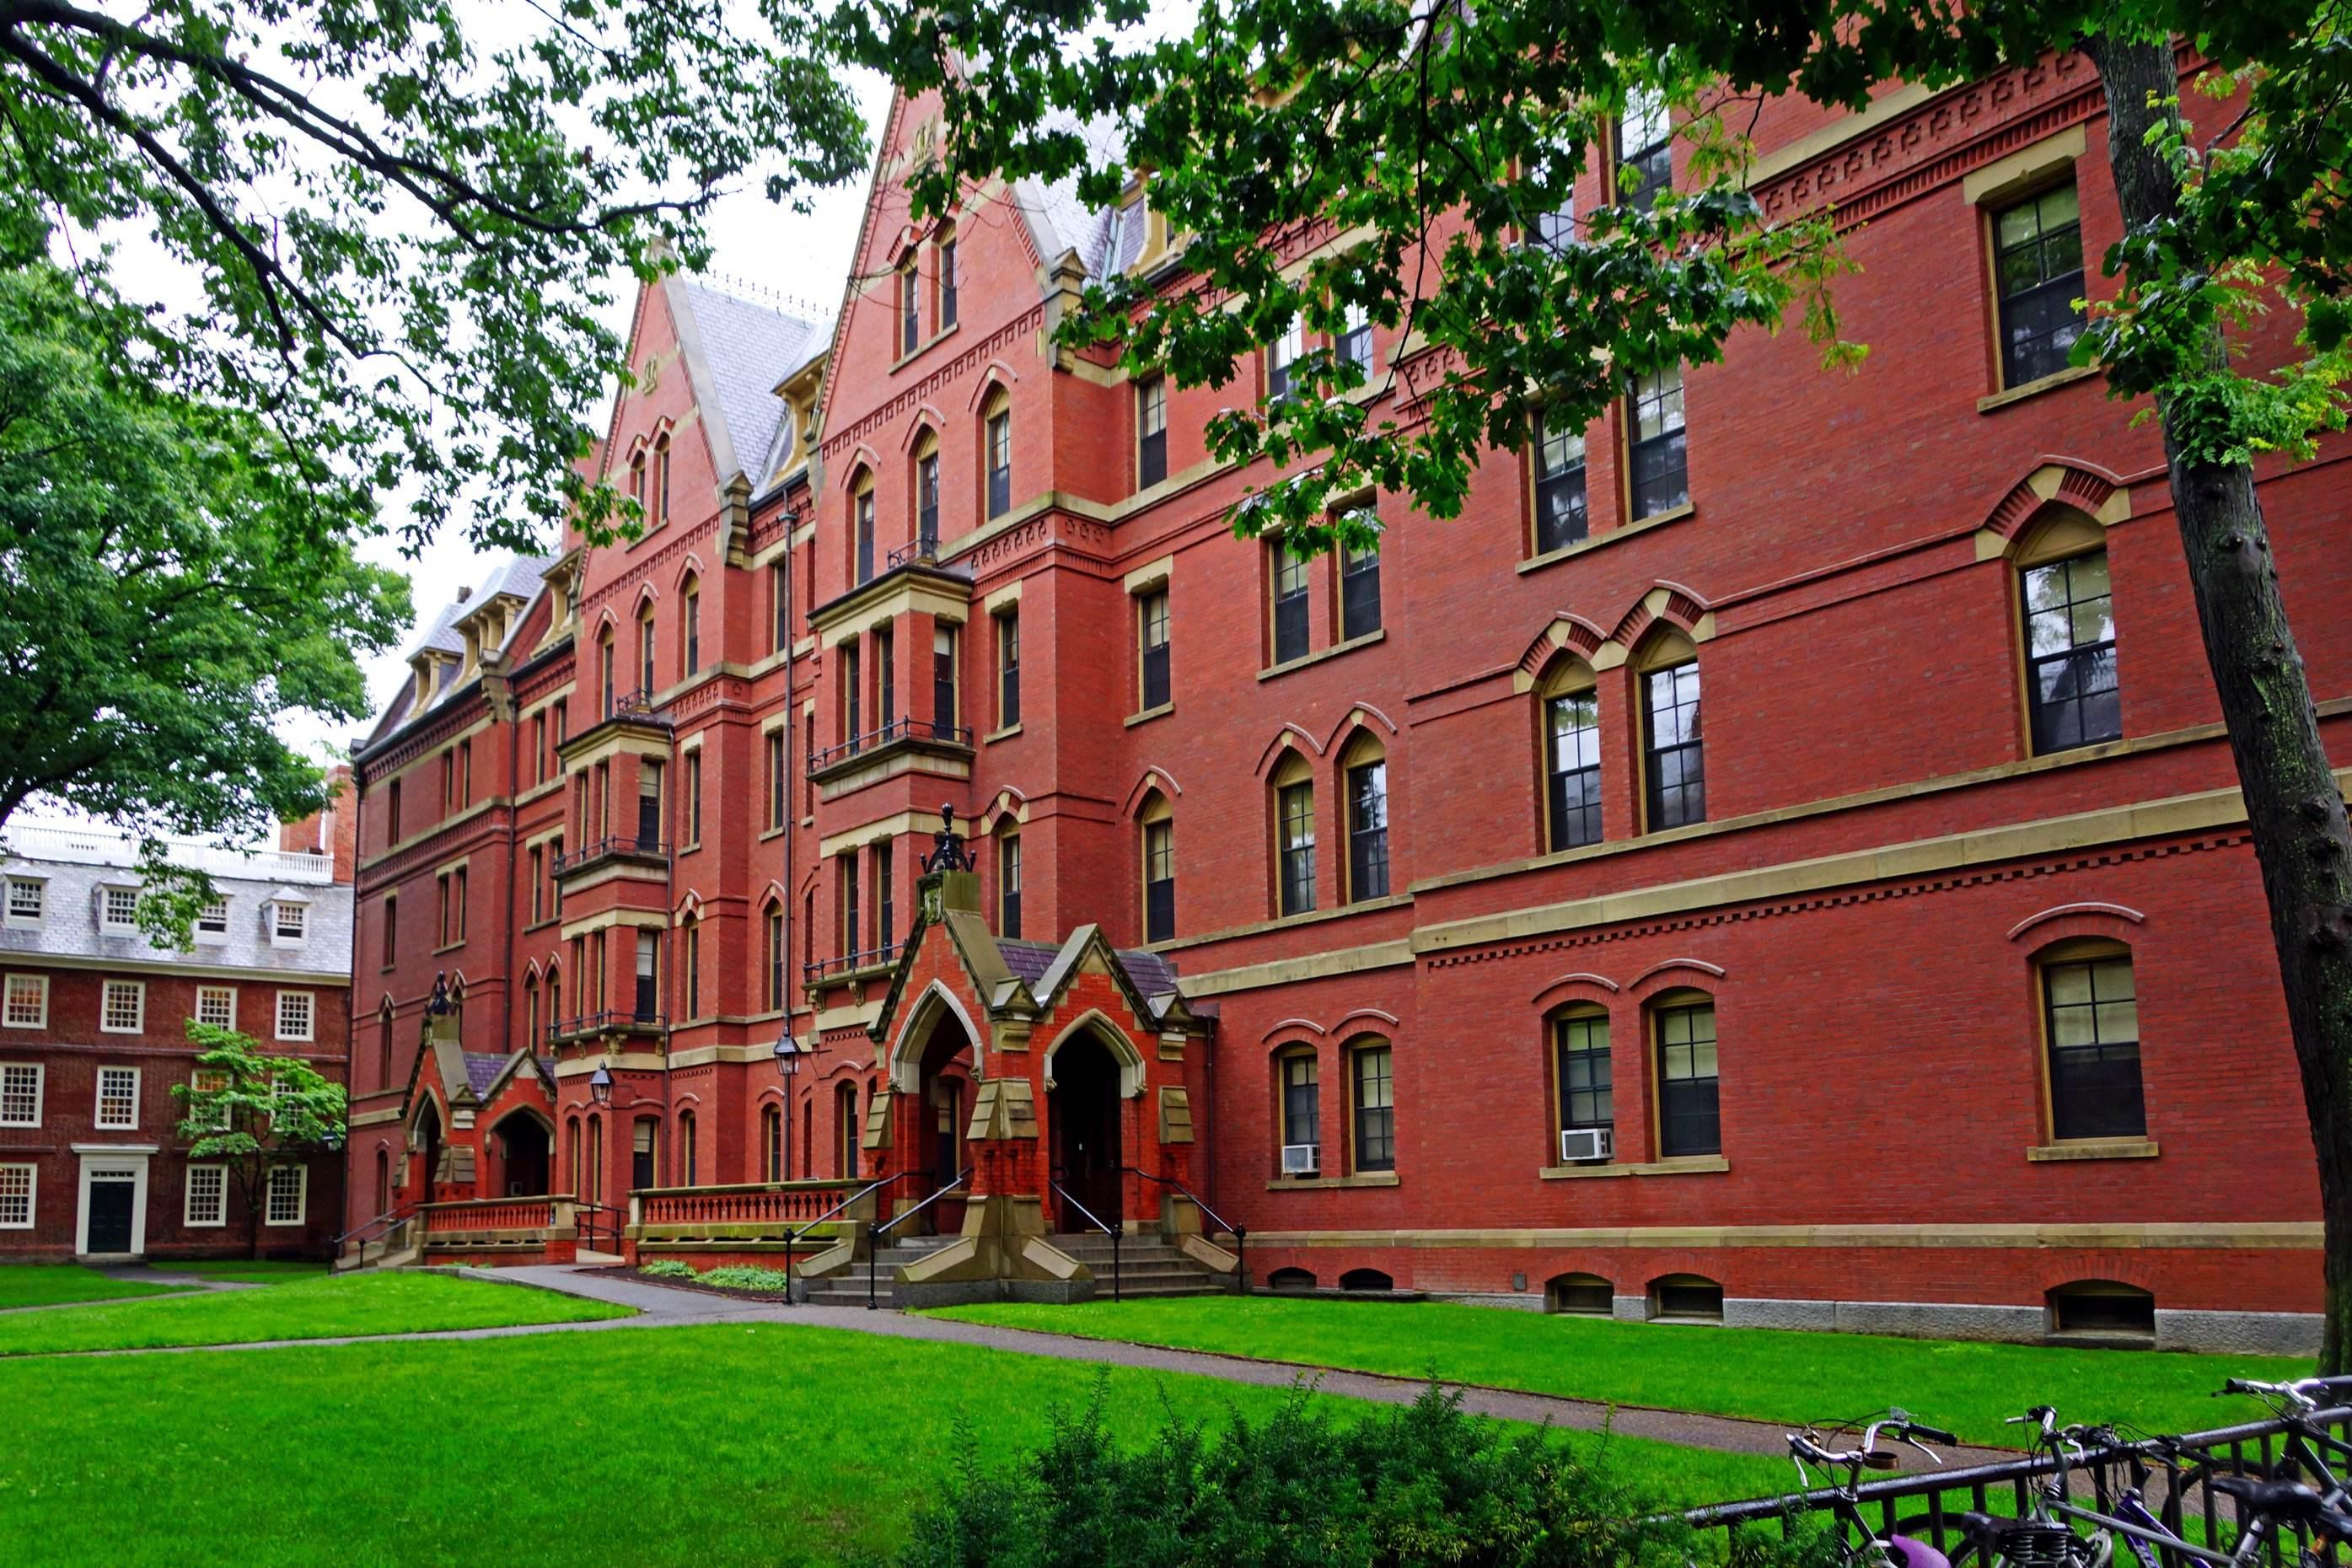 哈佛大学:美国大学教育的旗舰,常青藤联盟的代表